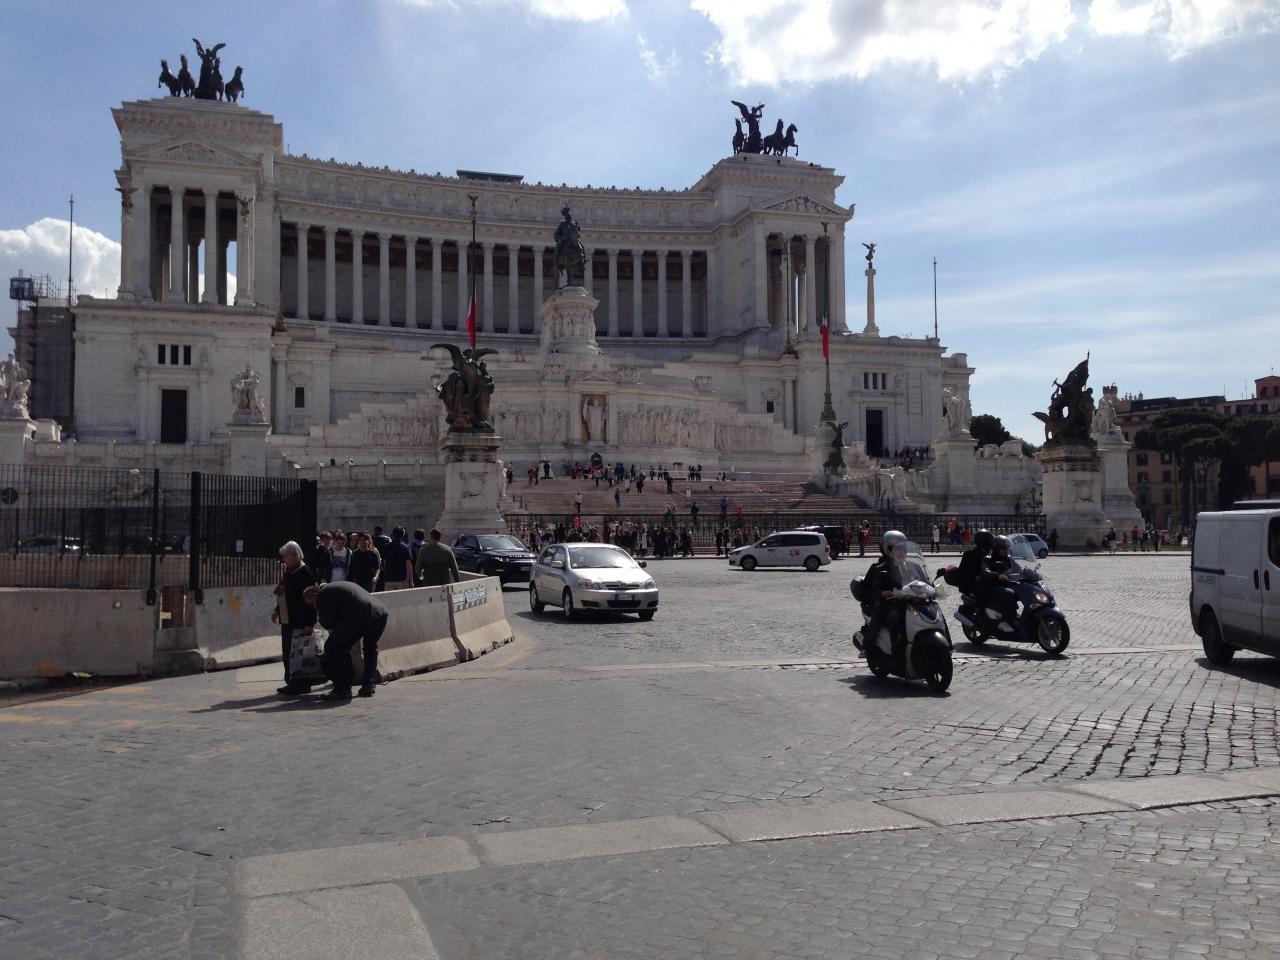 ローマ歴史地区、教皇領とサン・パオロ・フオーリ・レ・ムーラ大聖堂の画像 p1_40